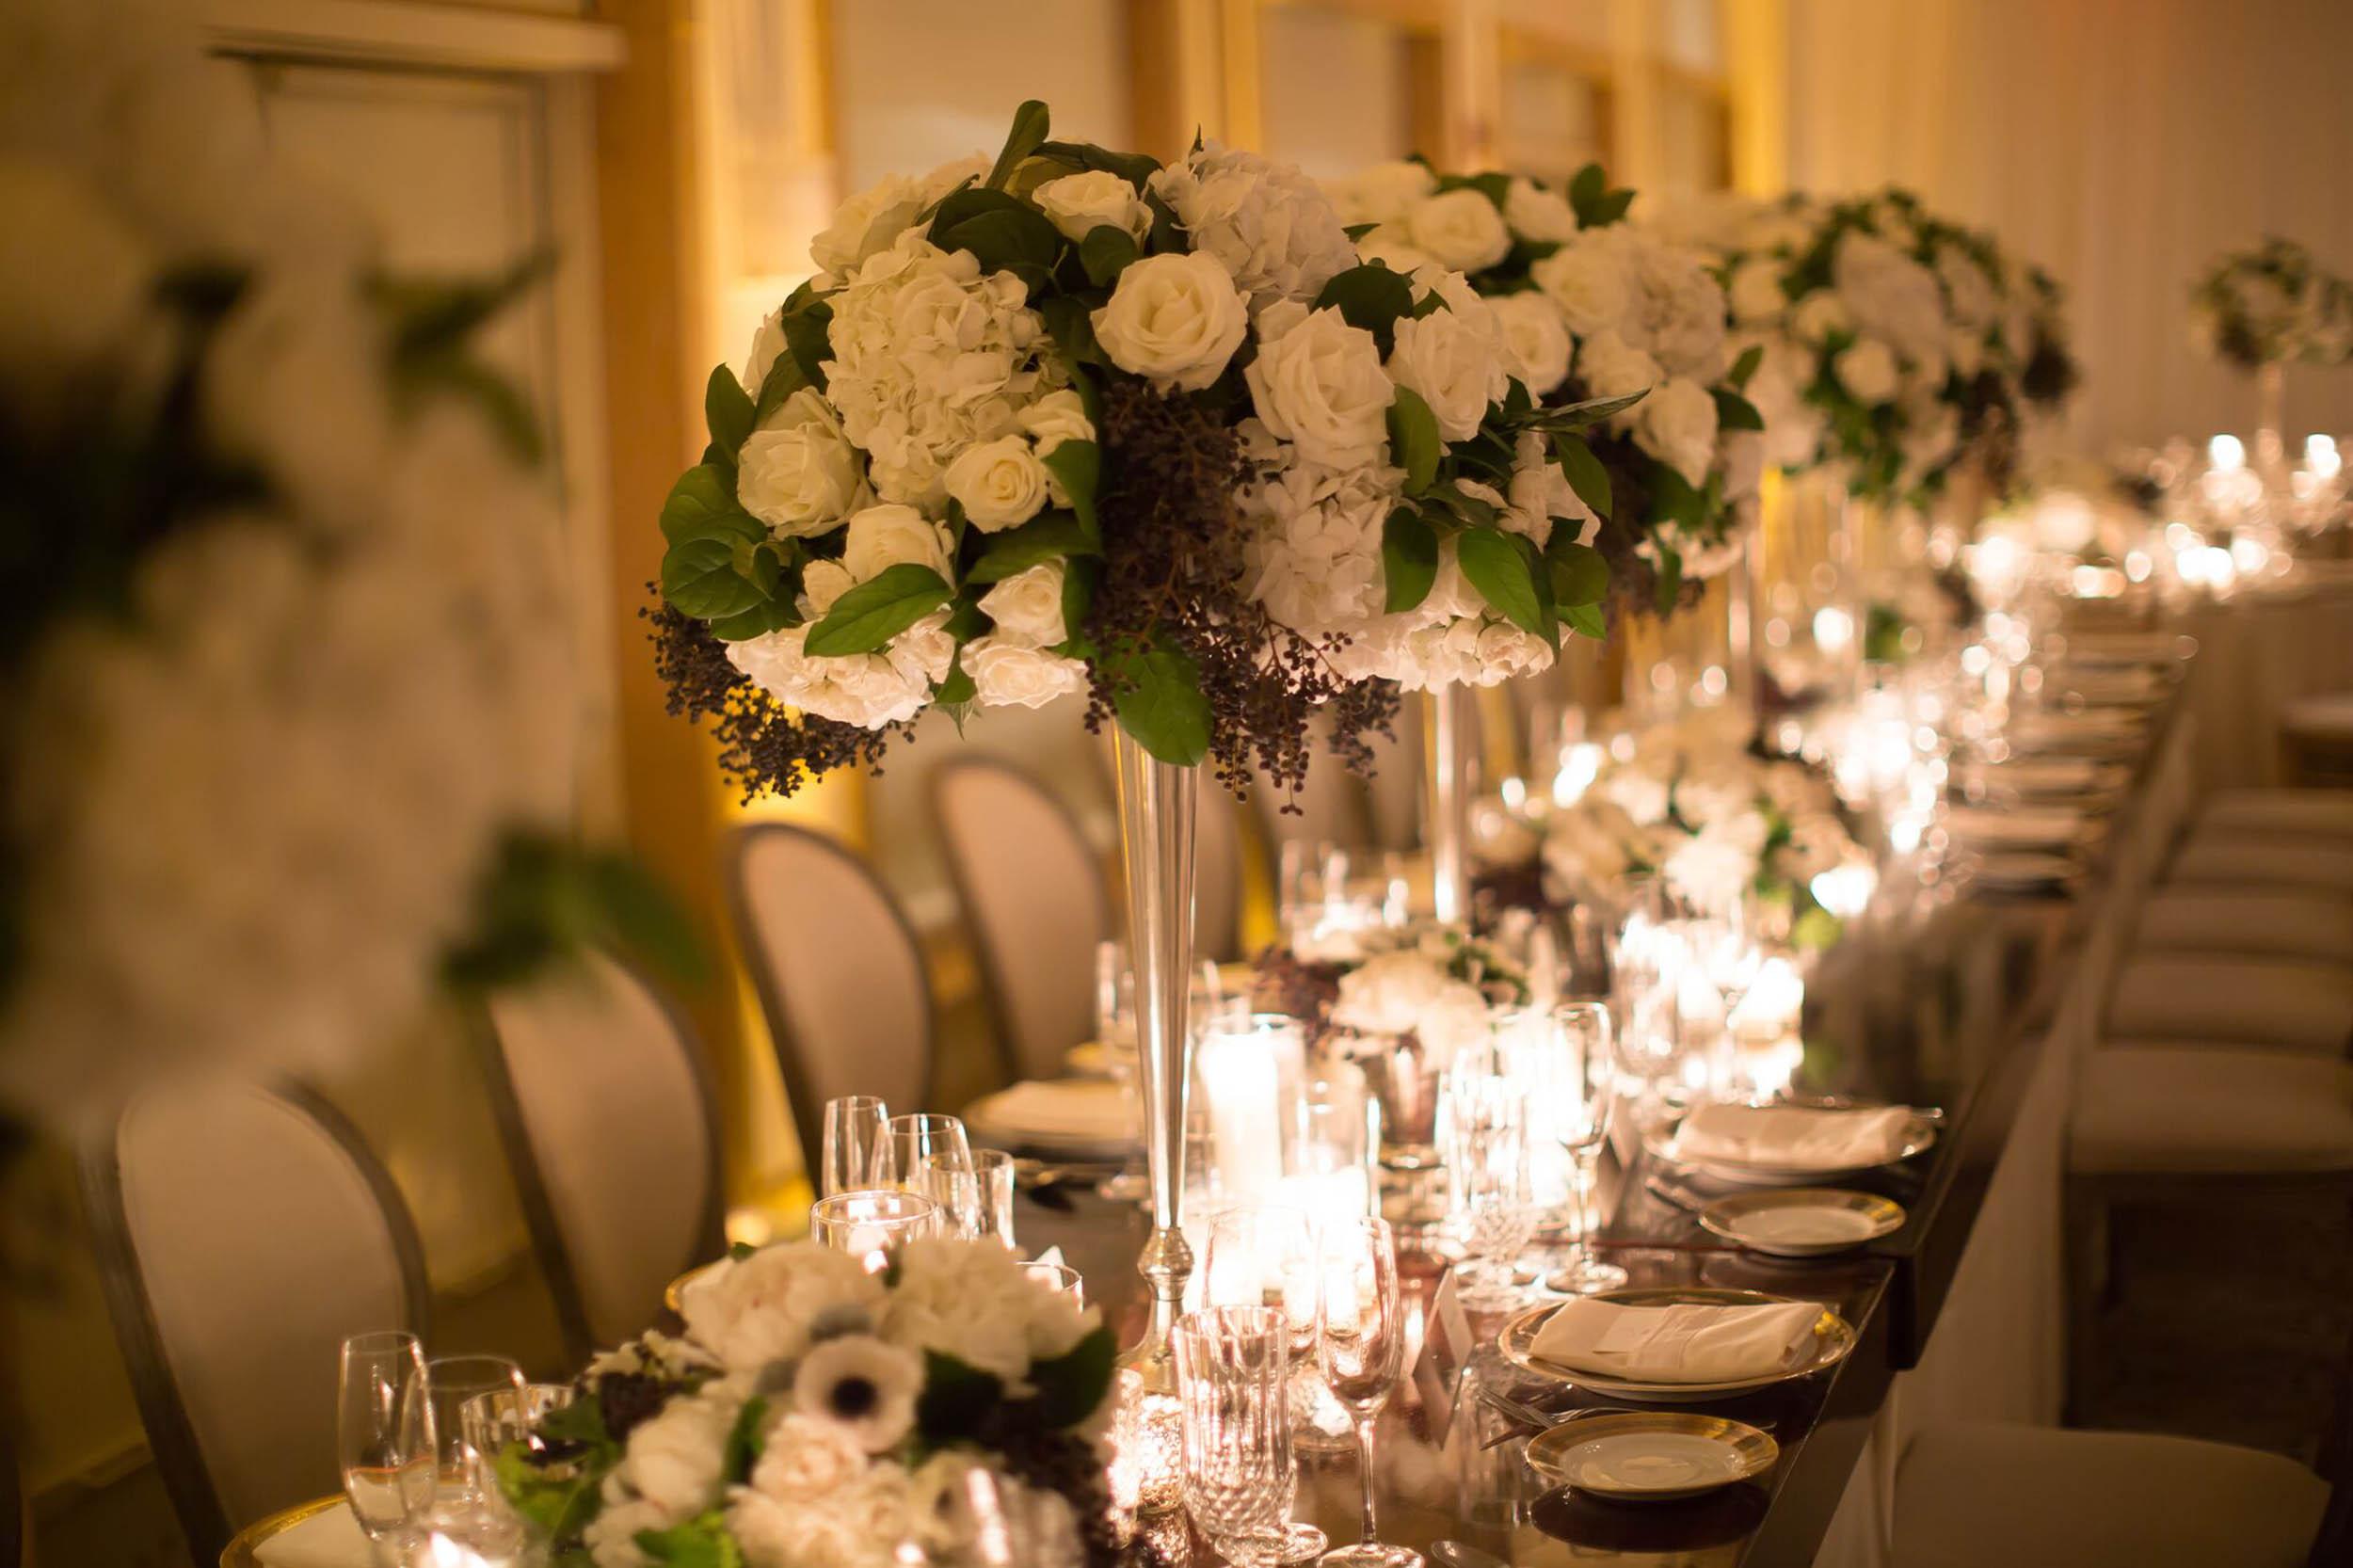 lilacs-florals-wedding-florist-reception-hires-067.jpg